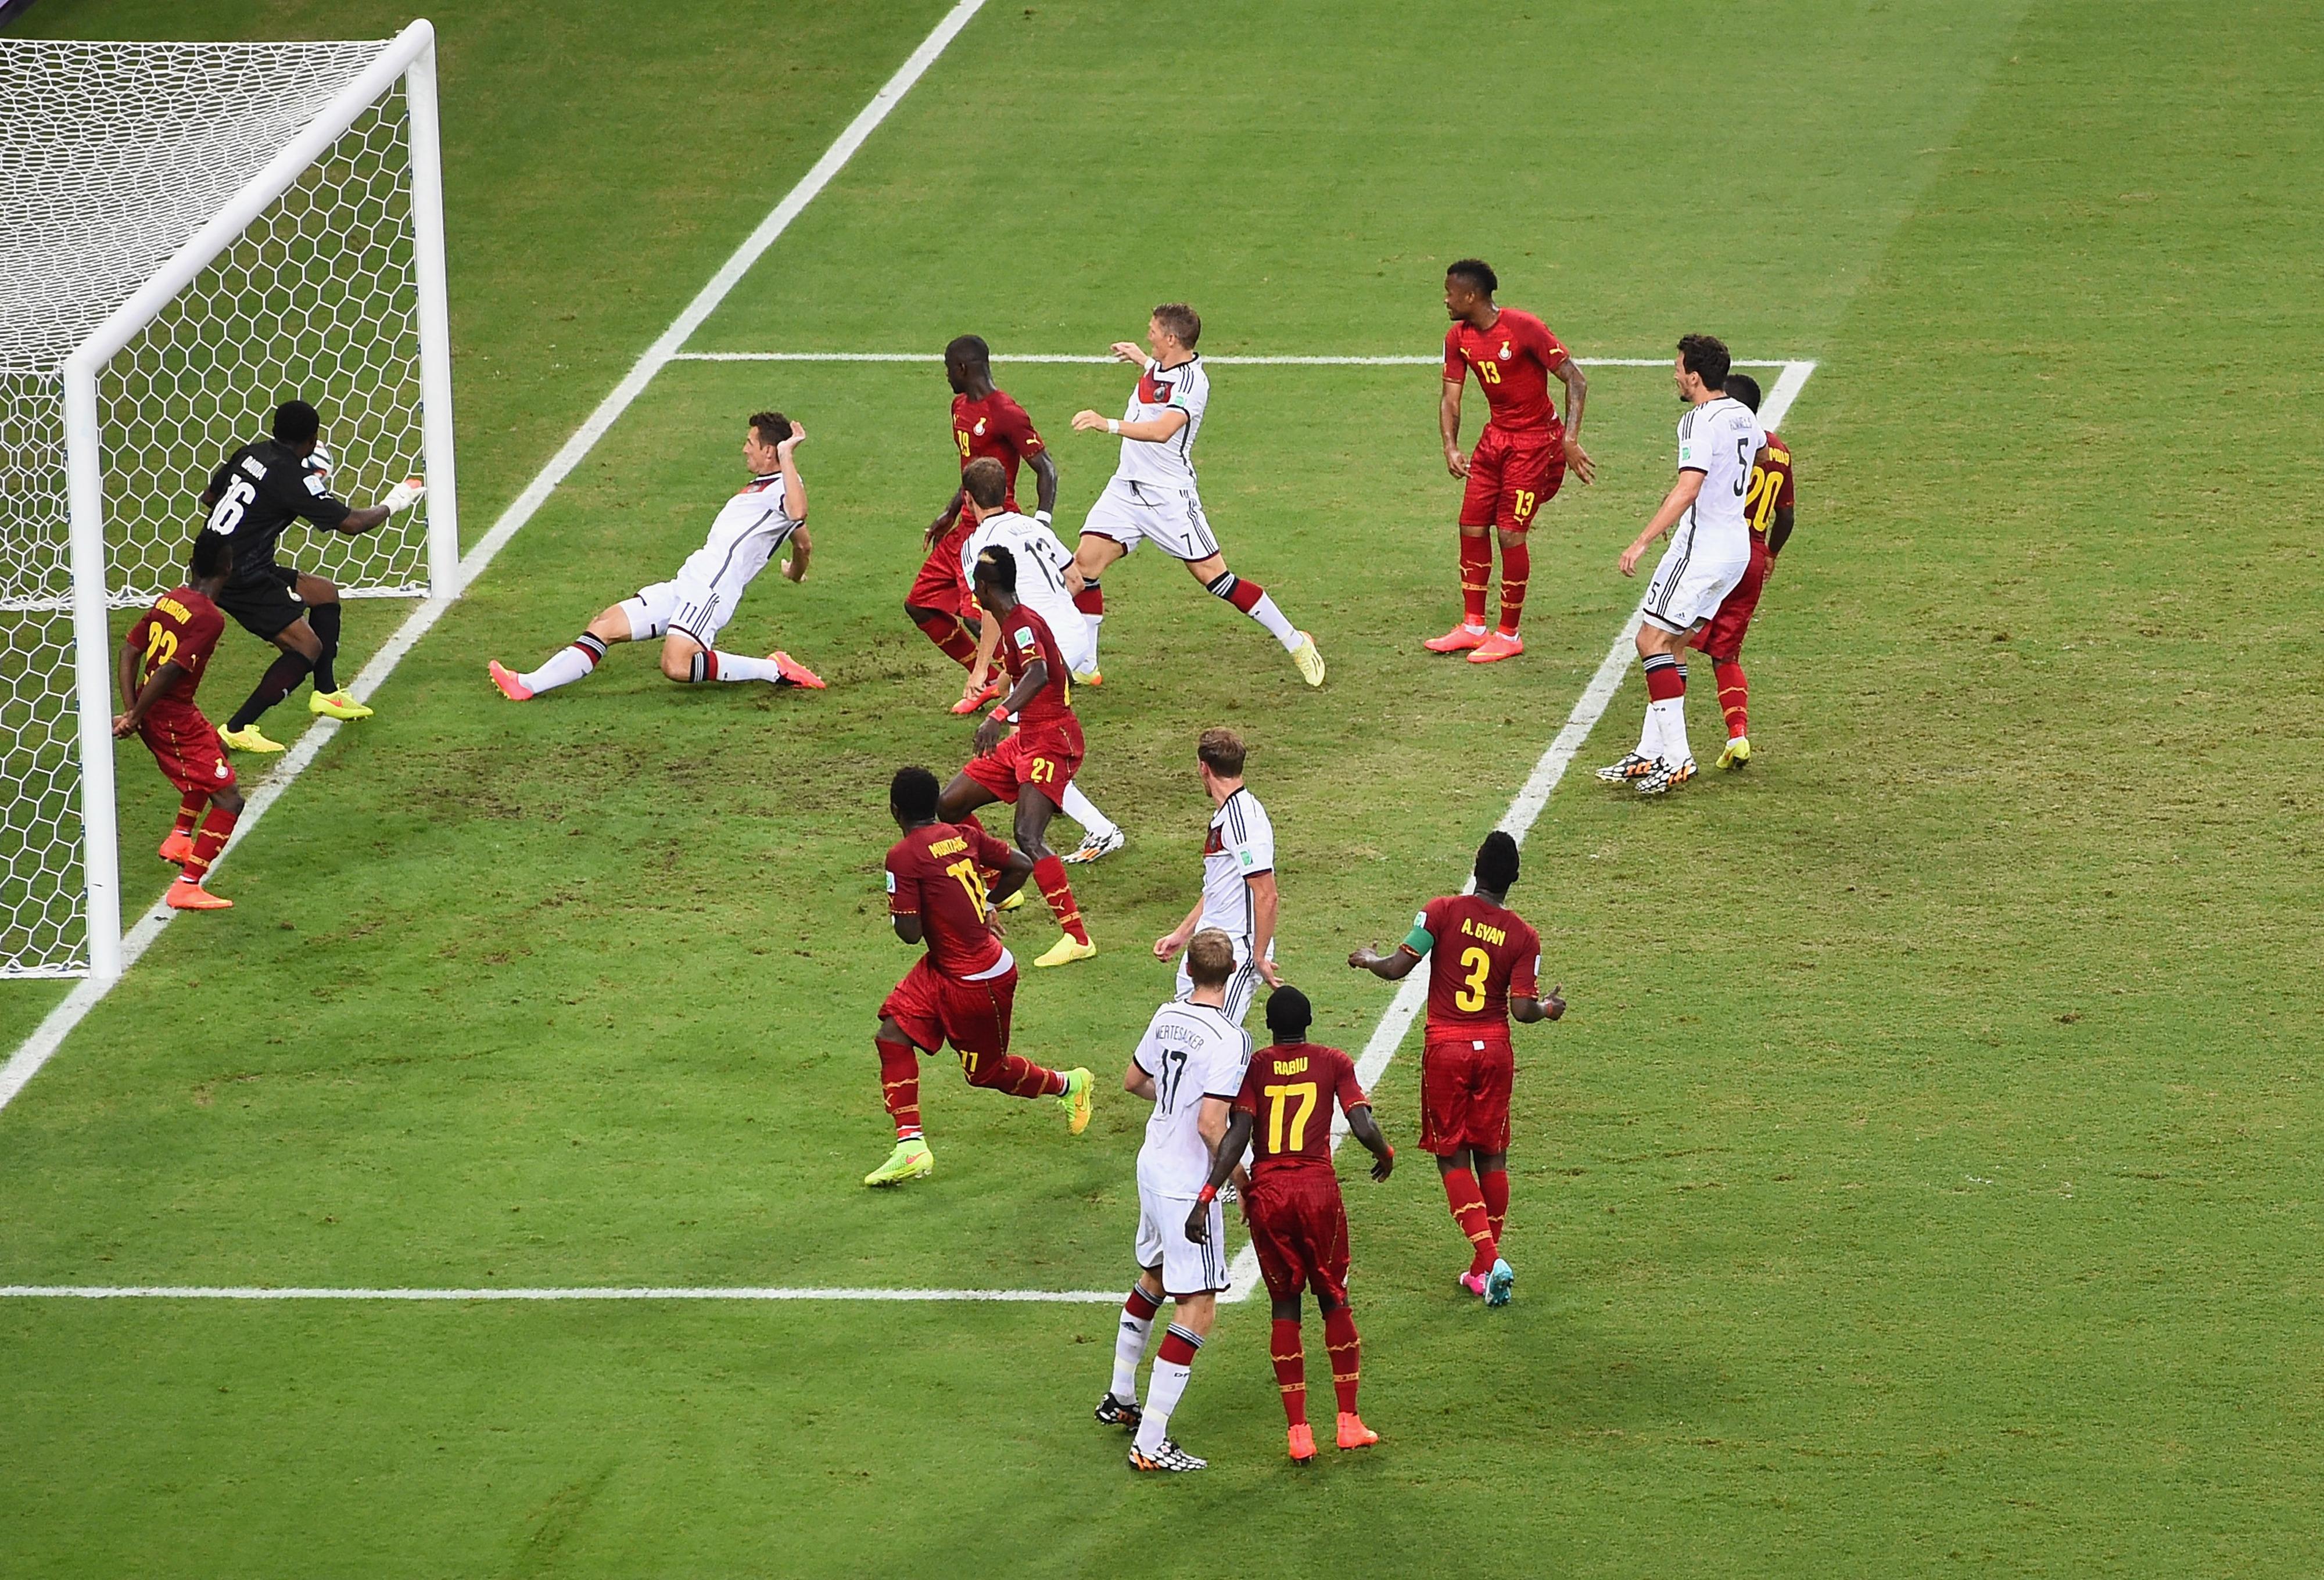 Miroslav Klose made Team USA's job a lot easier.